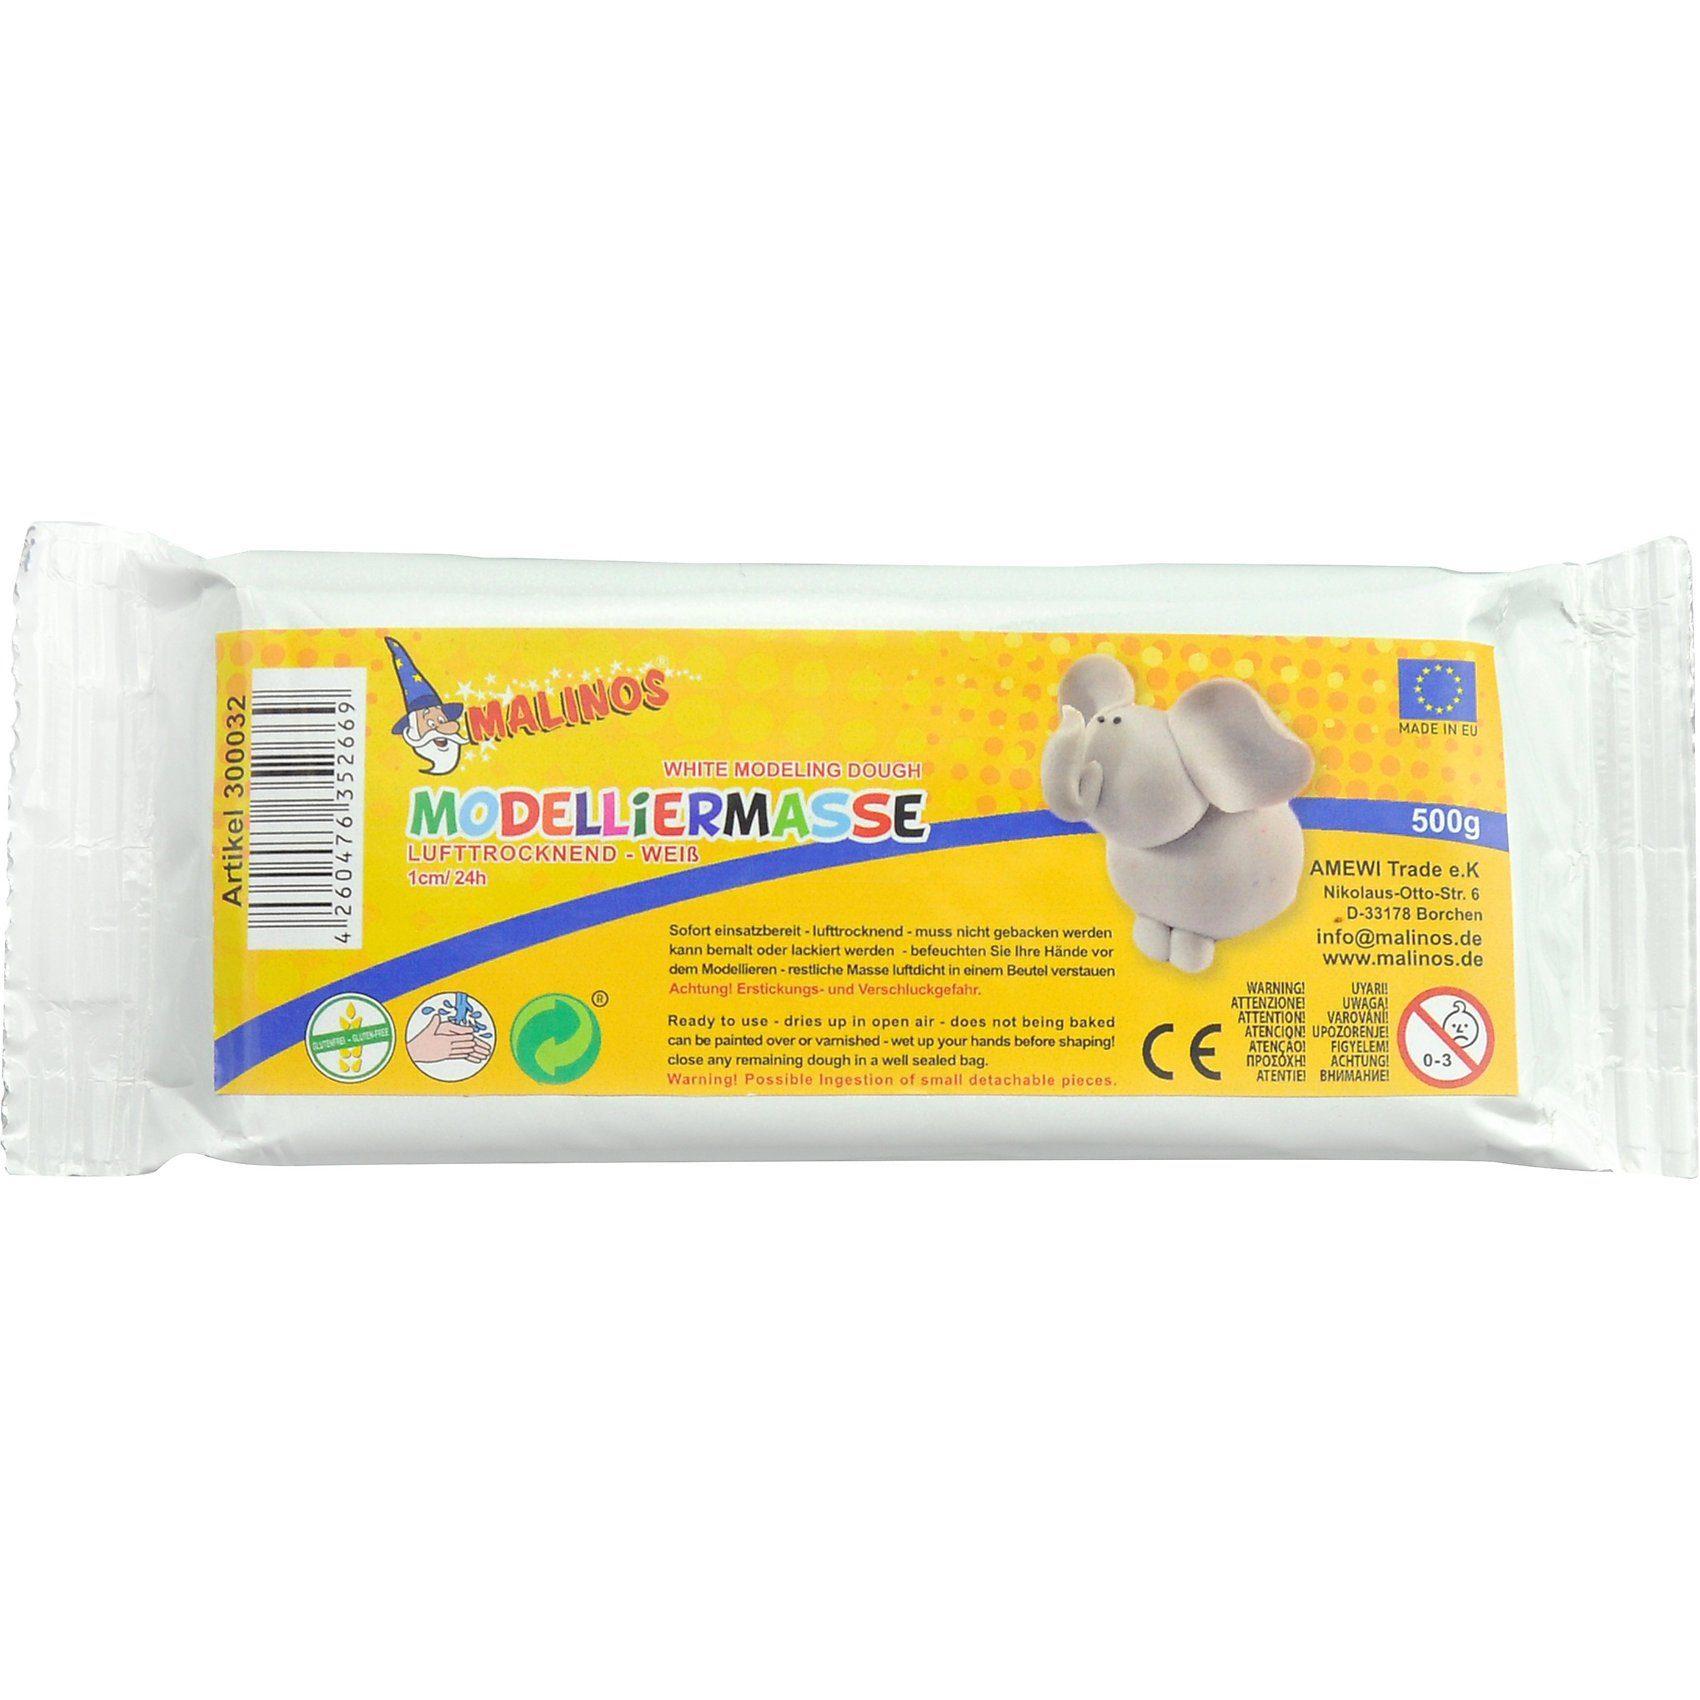 Amewi Modelliermasse - lufttrocknend - weiß, 500 g